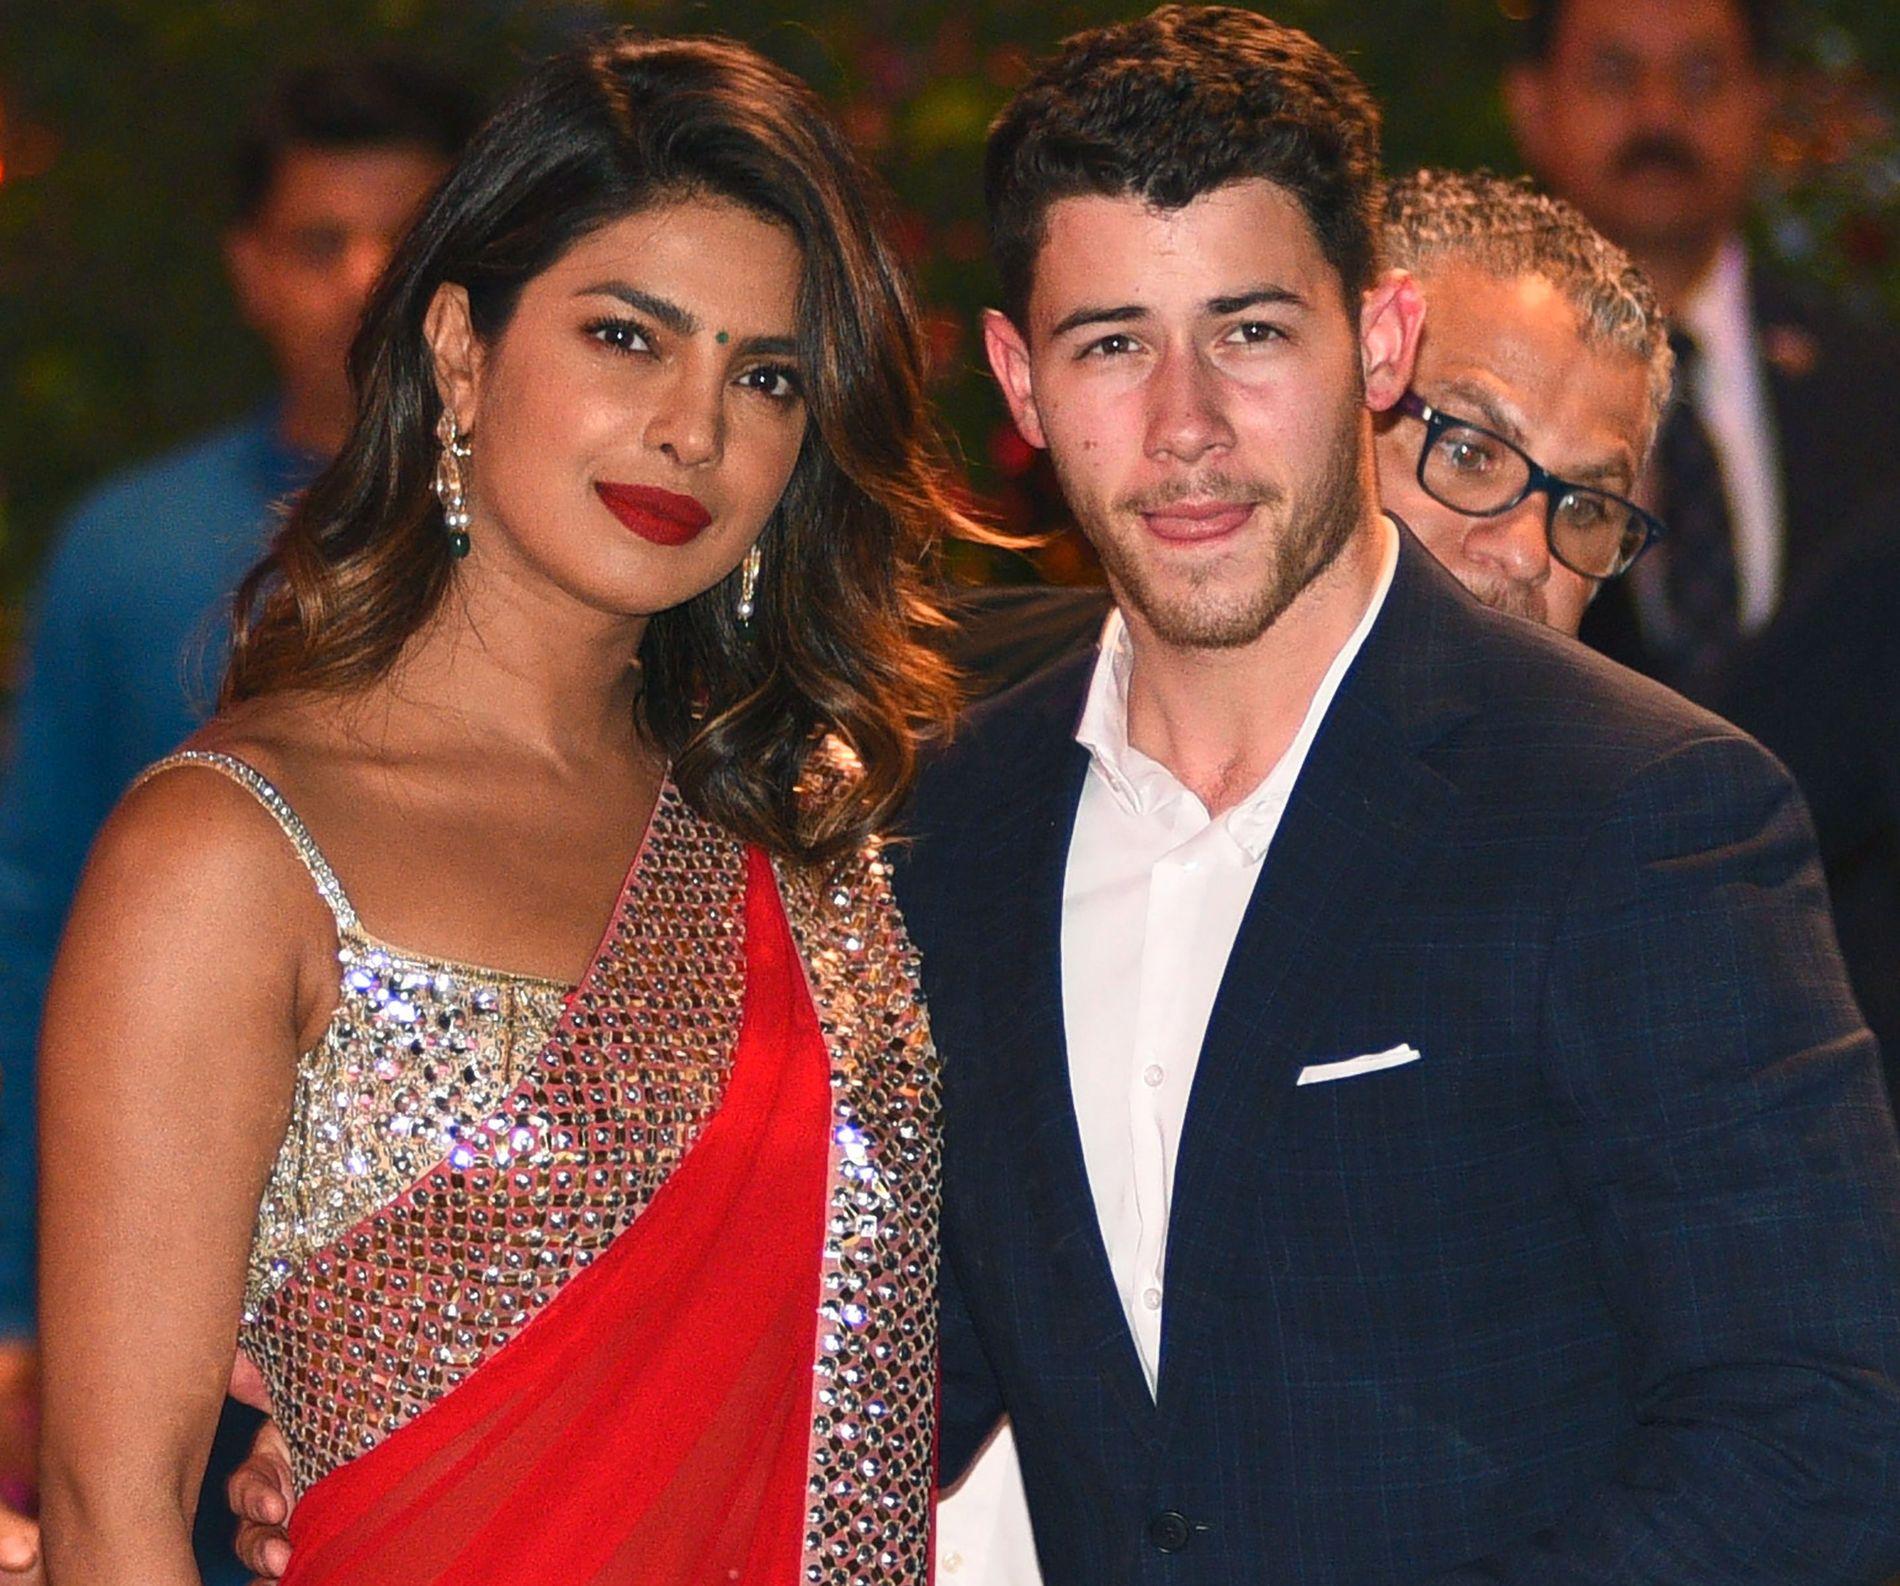 STJERNEPAR: Priyanka Chopra og Nick Jonas, her i Mumbai i juni.